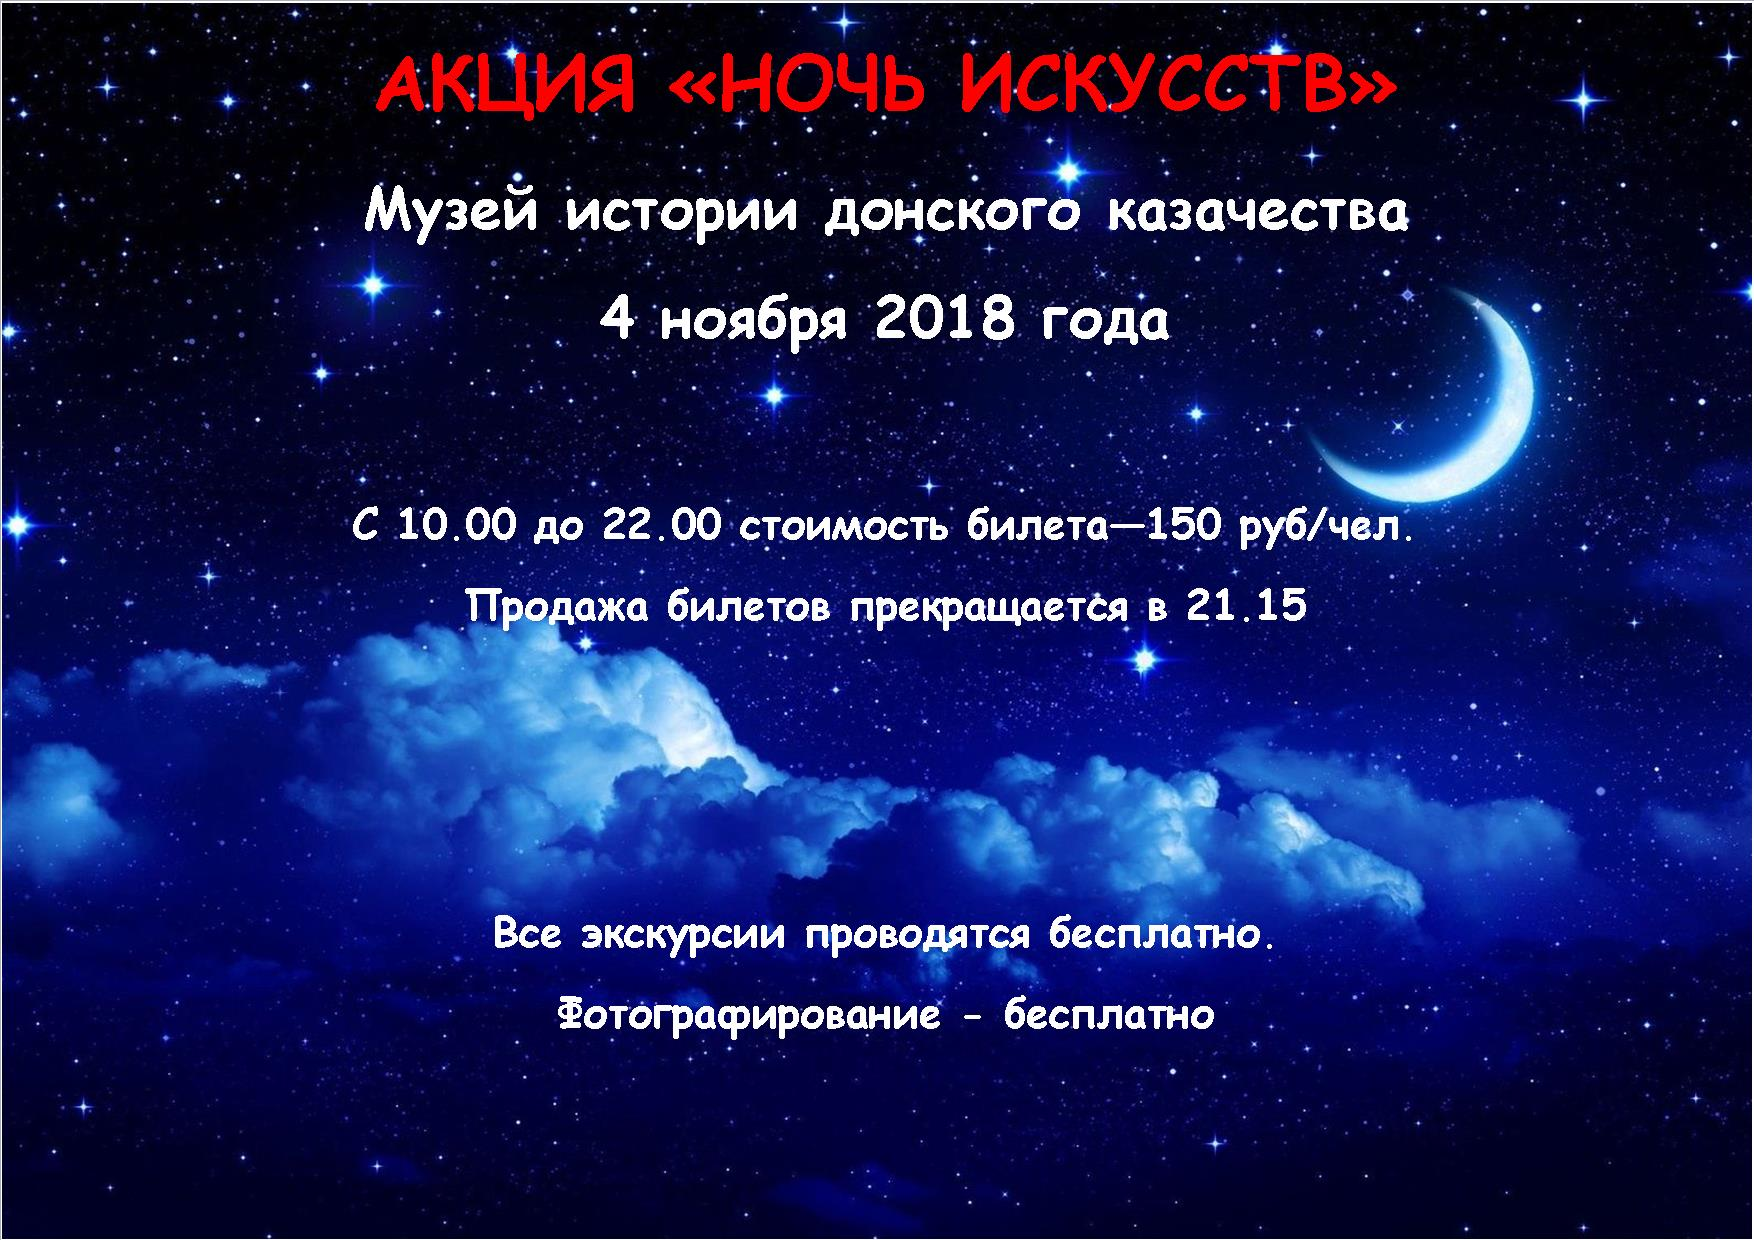 """Акция """"Ночь искусств"""" в Музее истории донского казачества"""